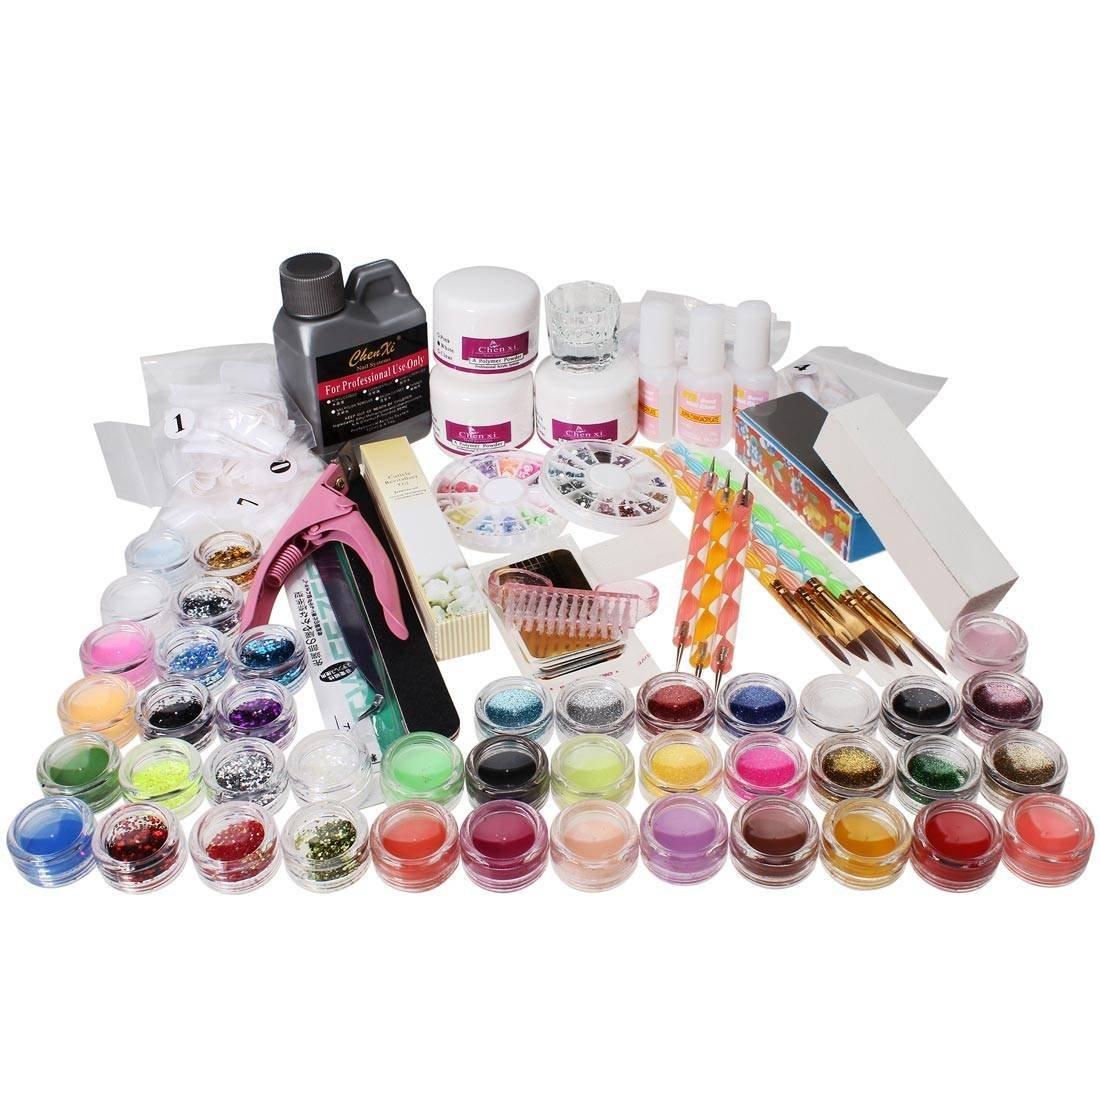 Nail art kits Nail Care Design Nail Acrylic Powder Brush Glitter Tip ...